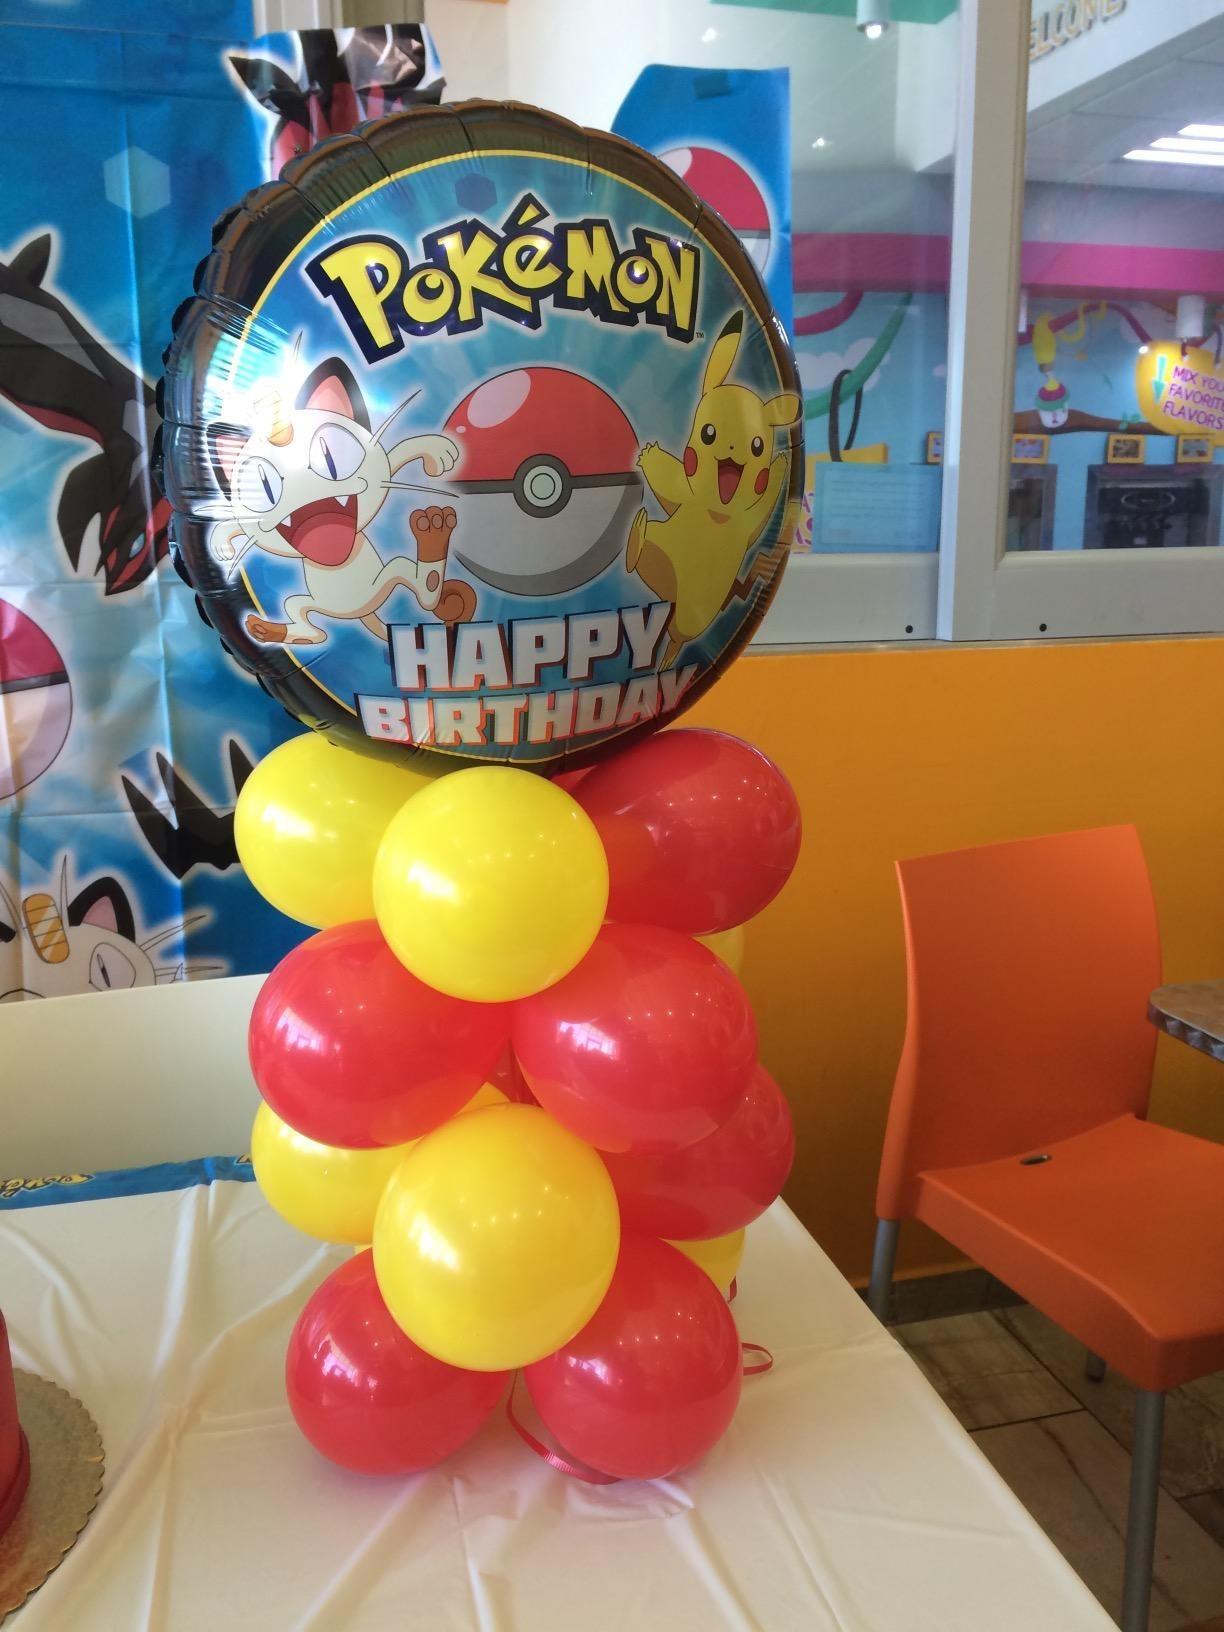 Amazon Pokemon Birthday Party Table Display Toys & Games